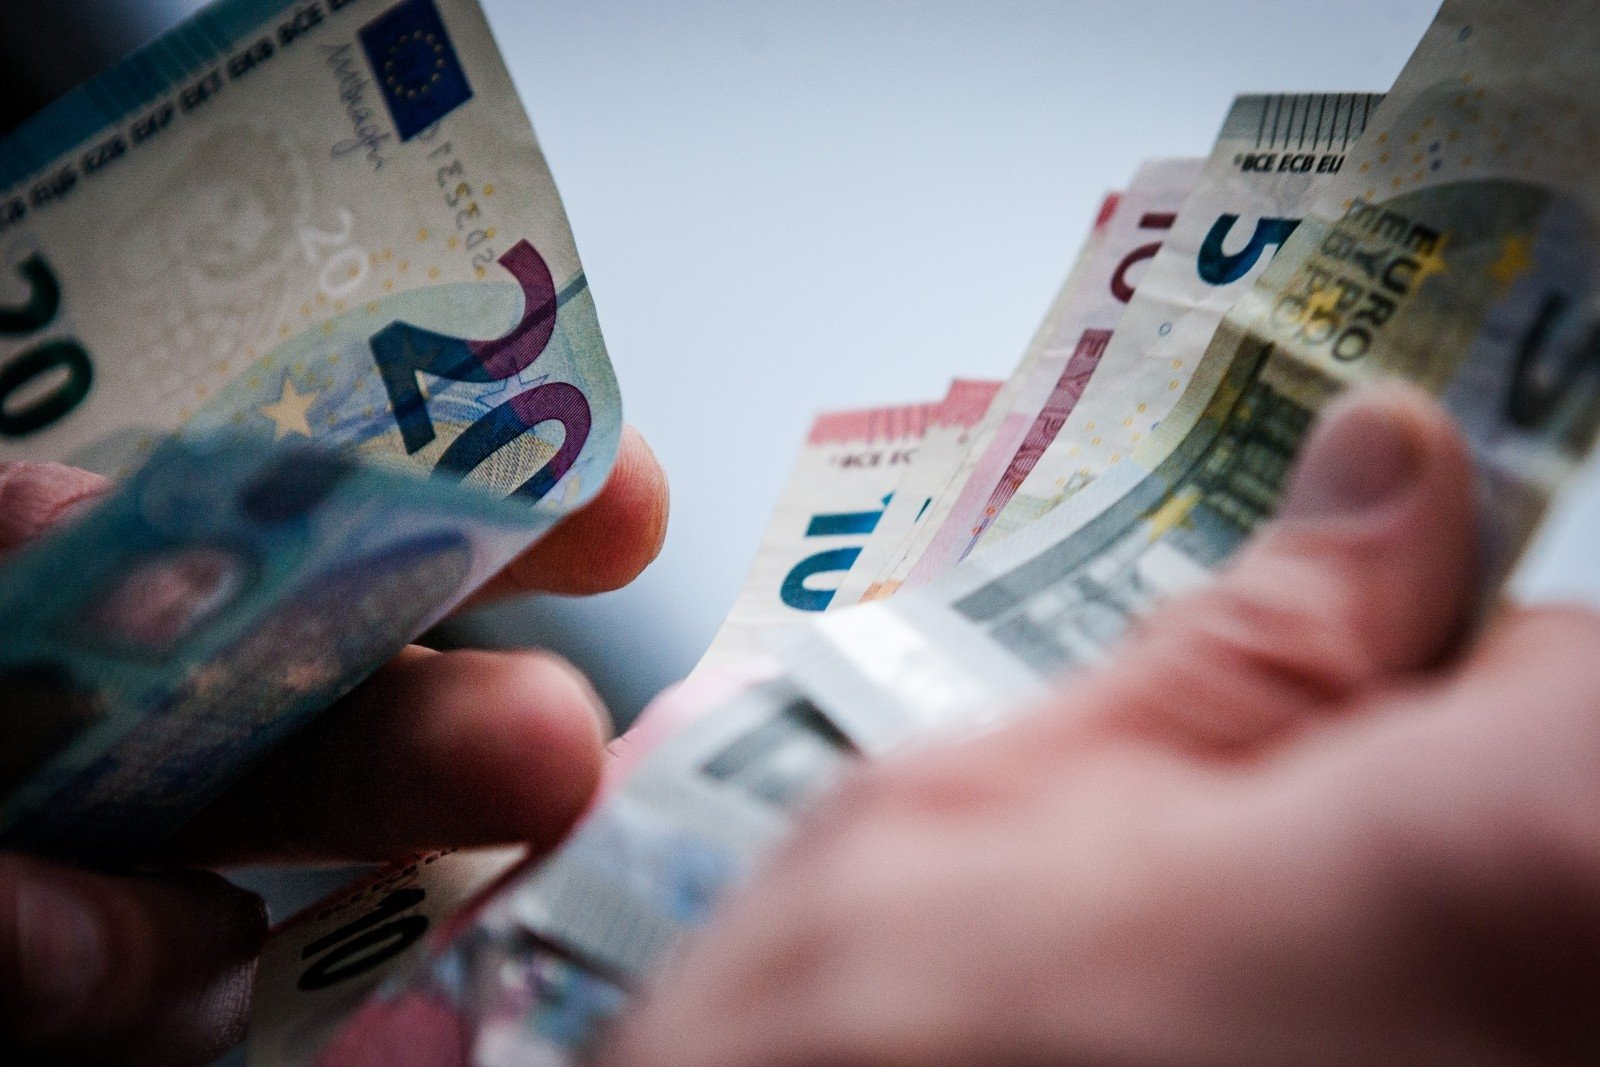 Kaip greitai gauti pinigus kolegijoje, susiję straipsniai